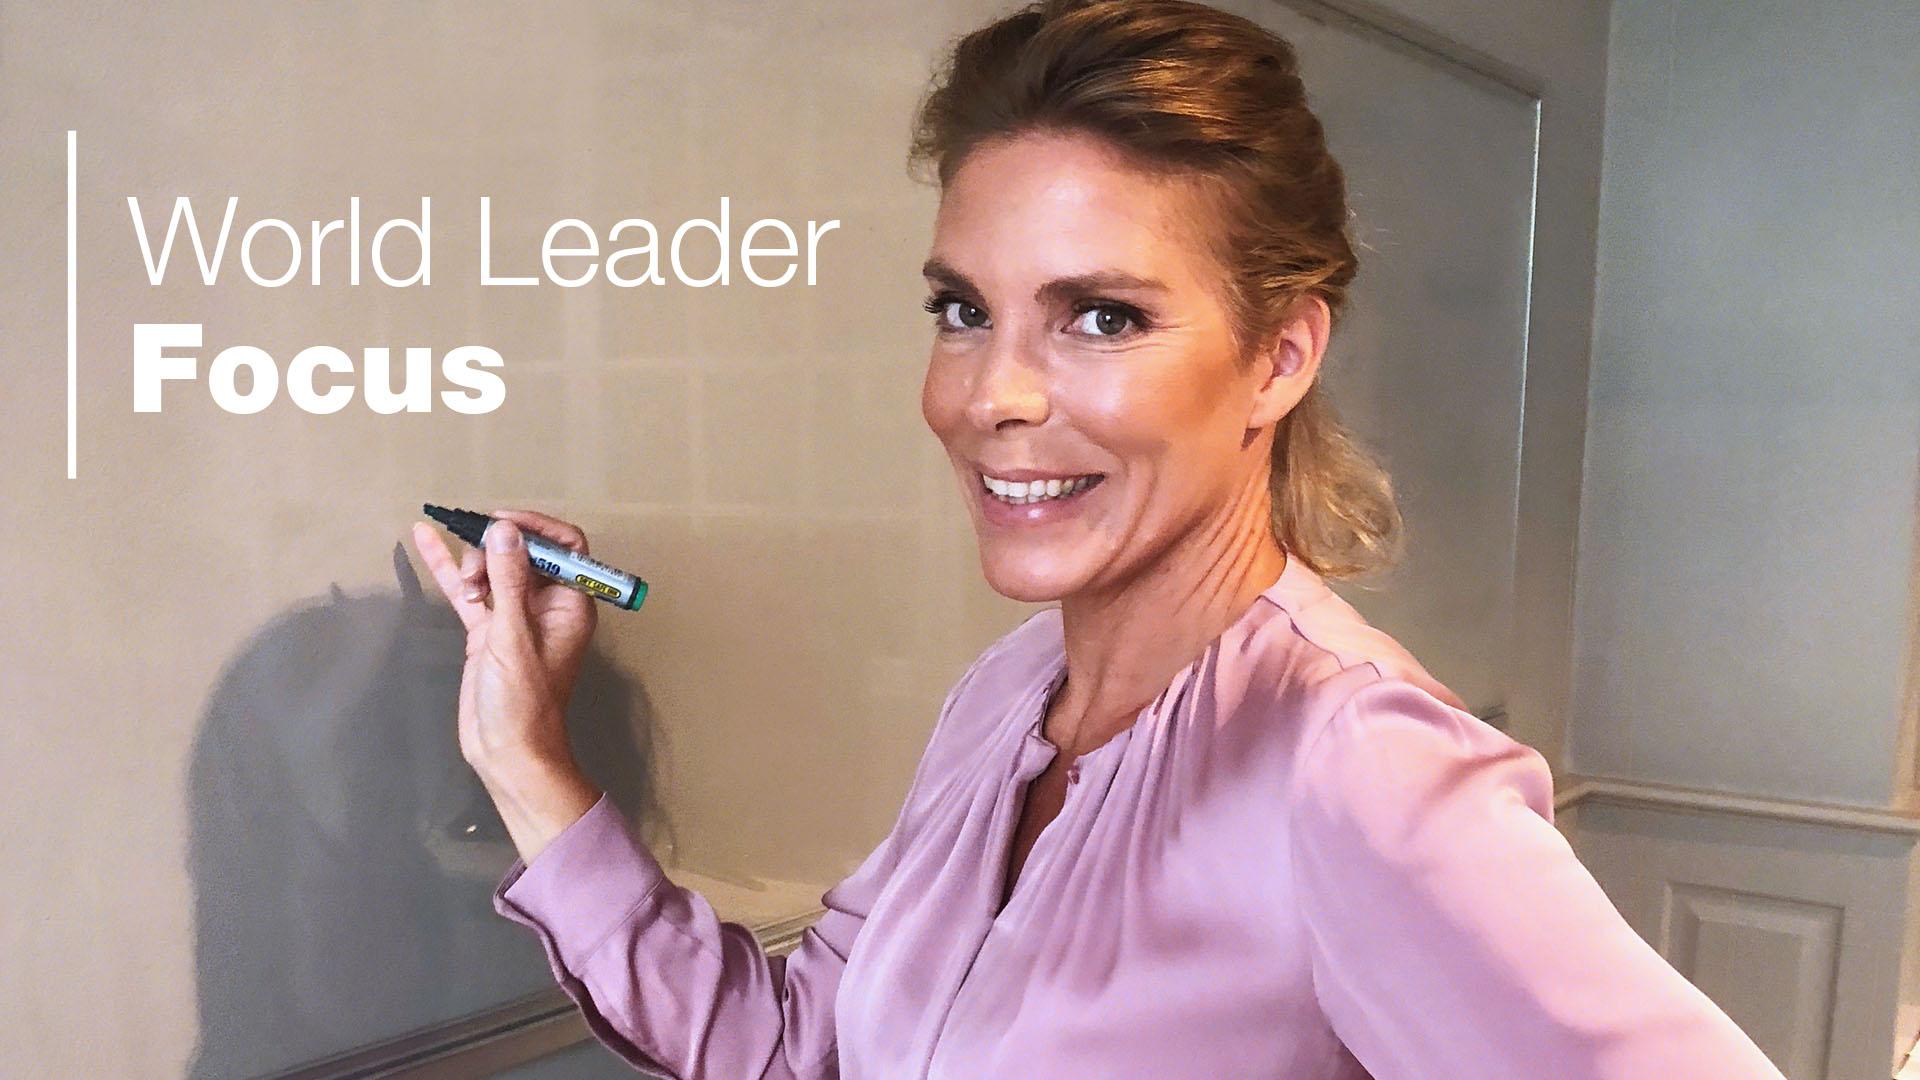 Speaking-Video-Thumbnails-World-Leader-FOCUS-B